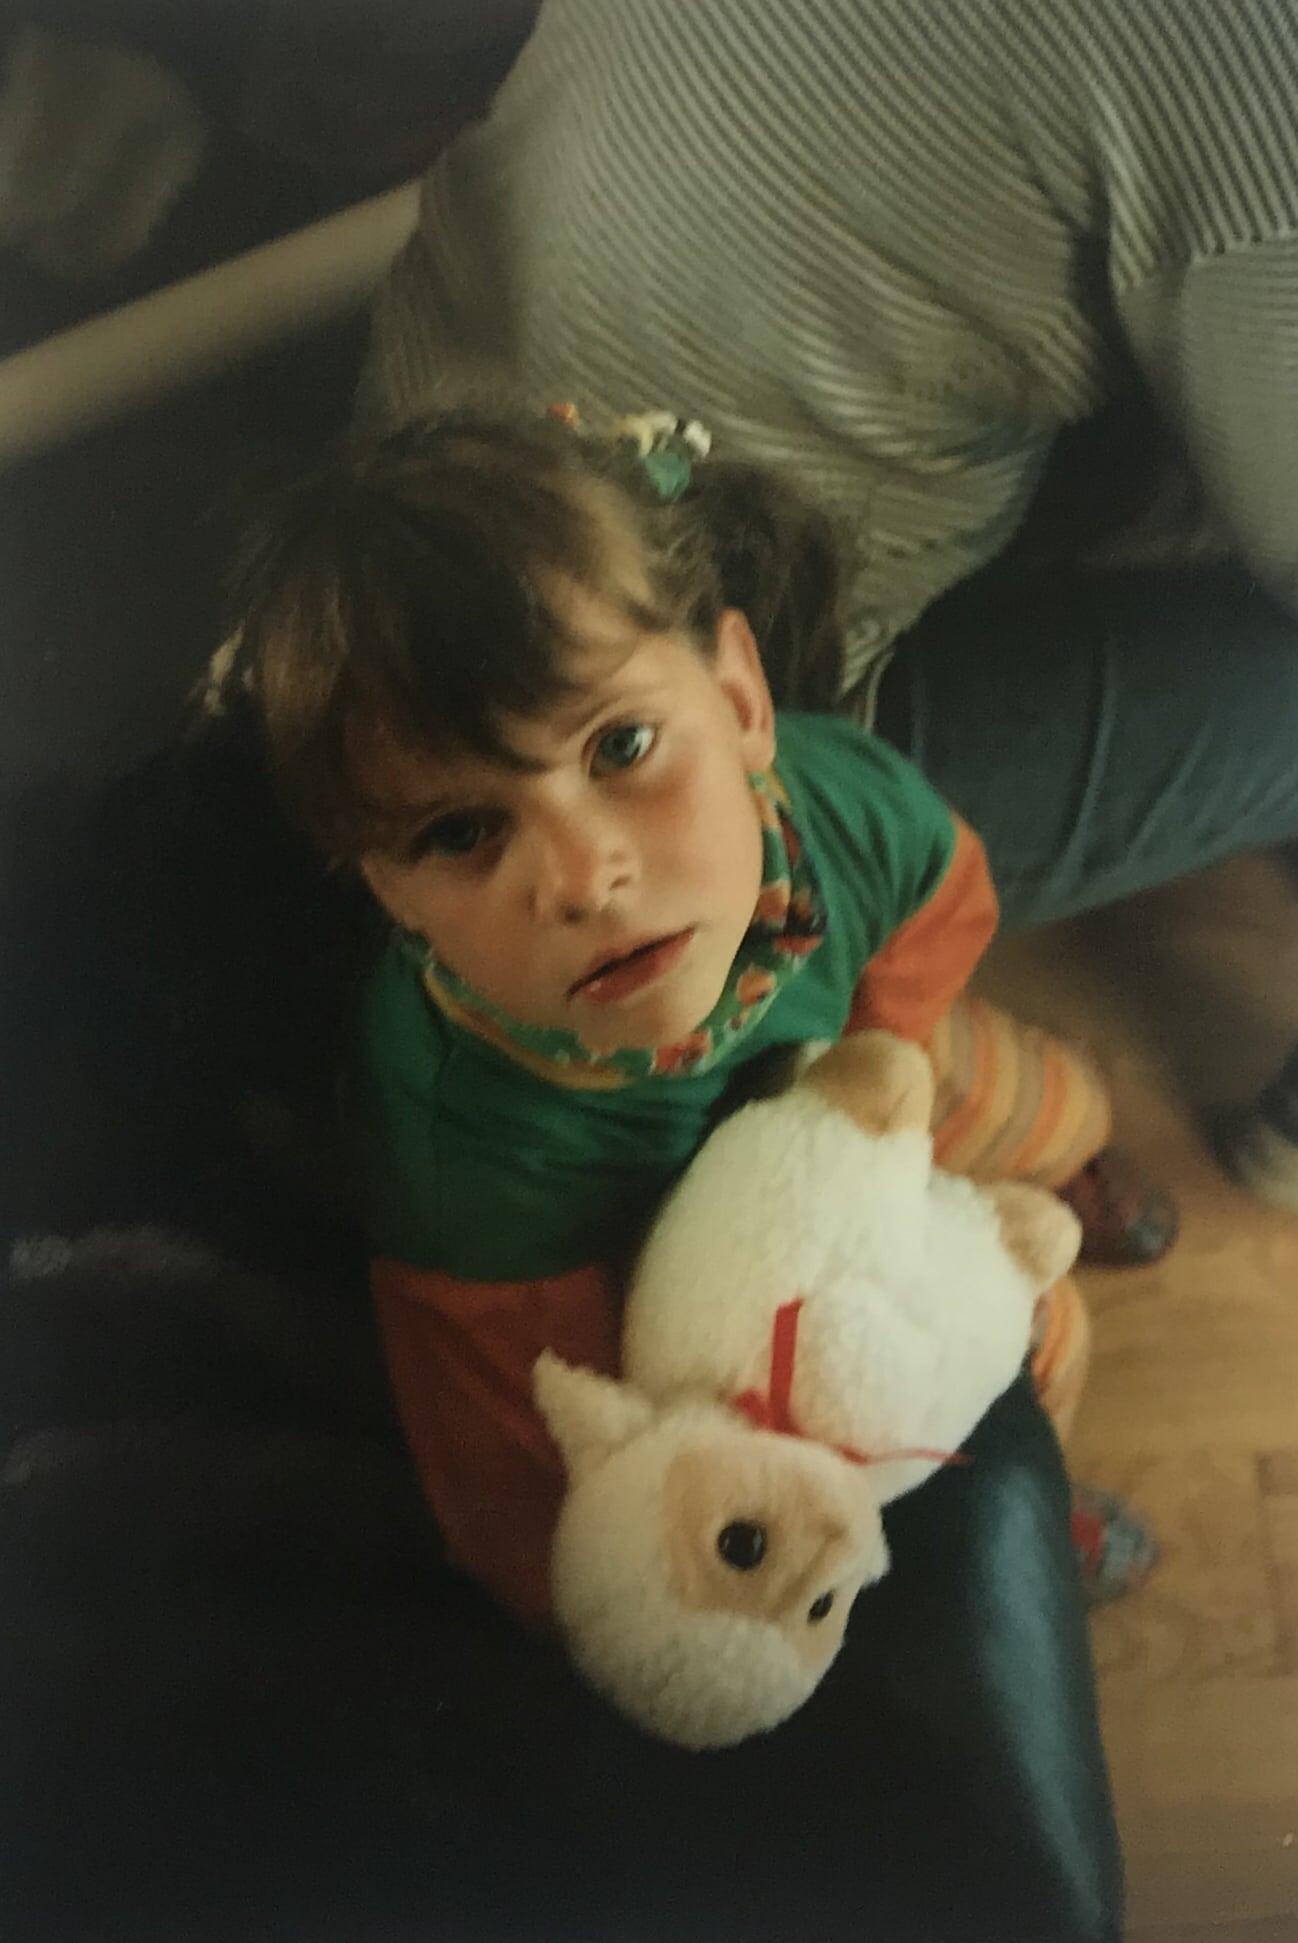 Een kind is kwetsbaar